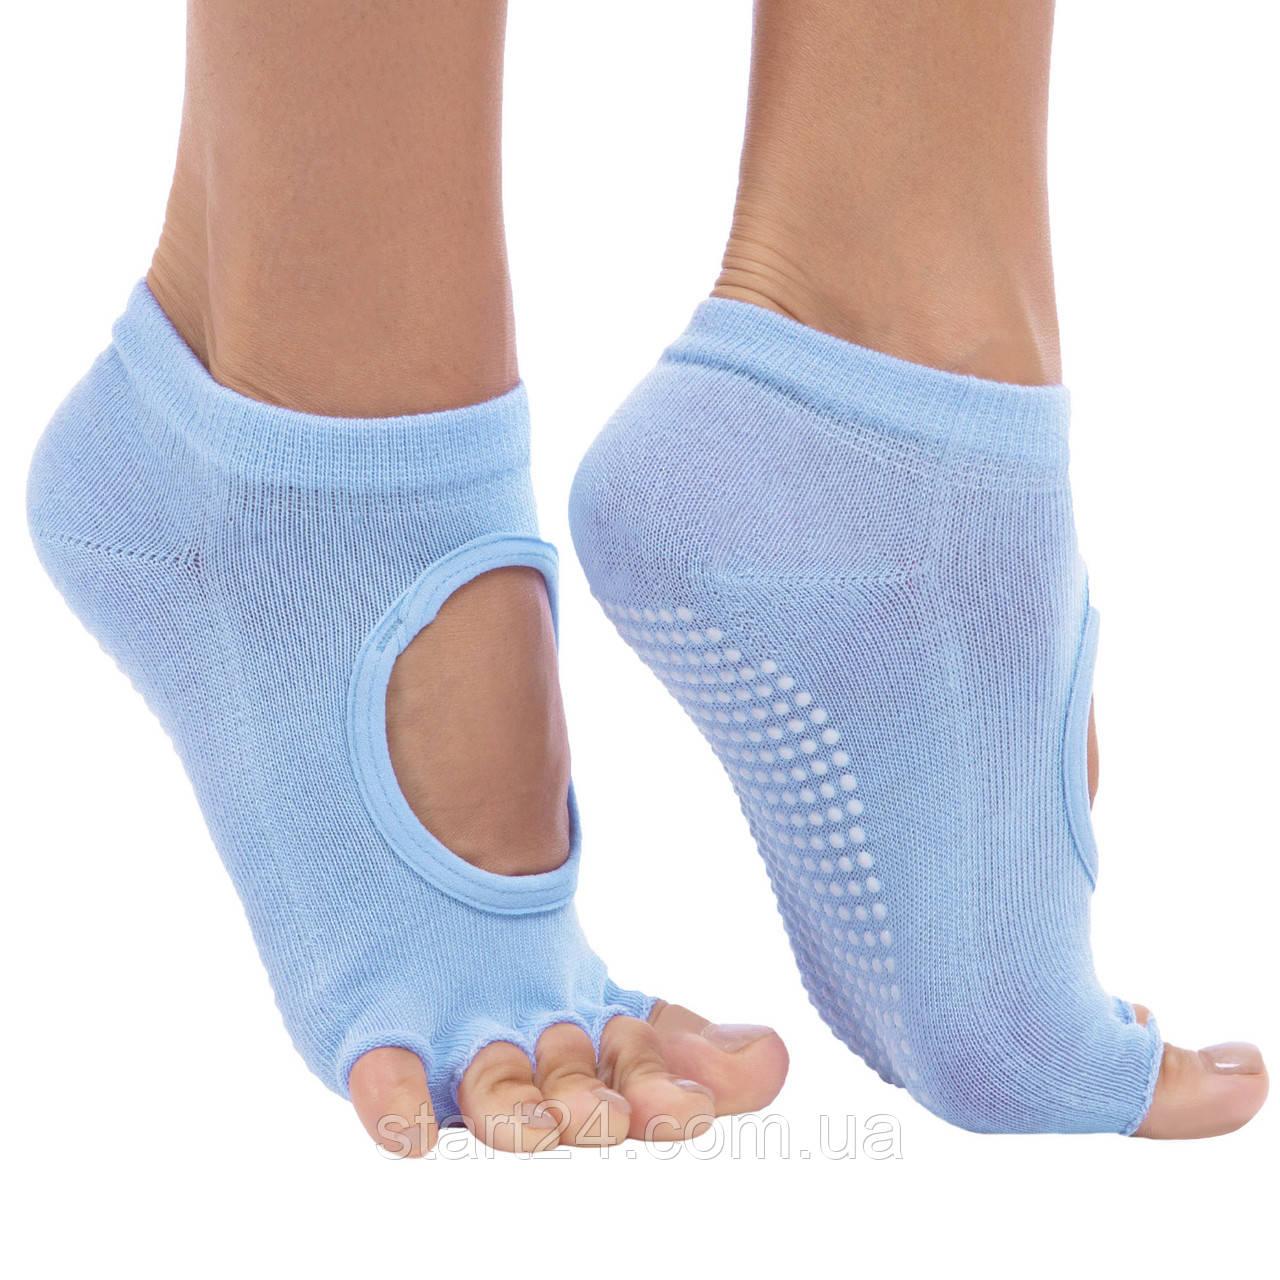 Носки для йоги с открытыми пальцами SP-Planeta FL-6872 (полиэстер, хлопок, р-р 36-41, цвета в ассортименте)